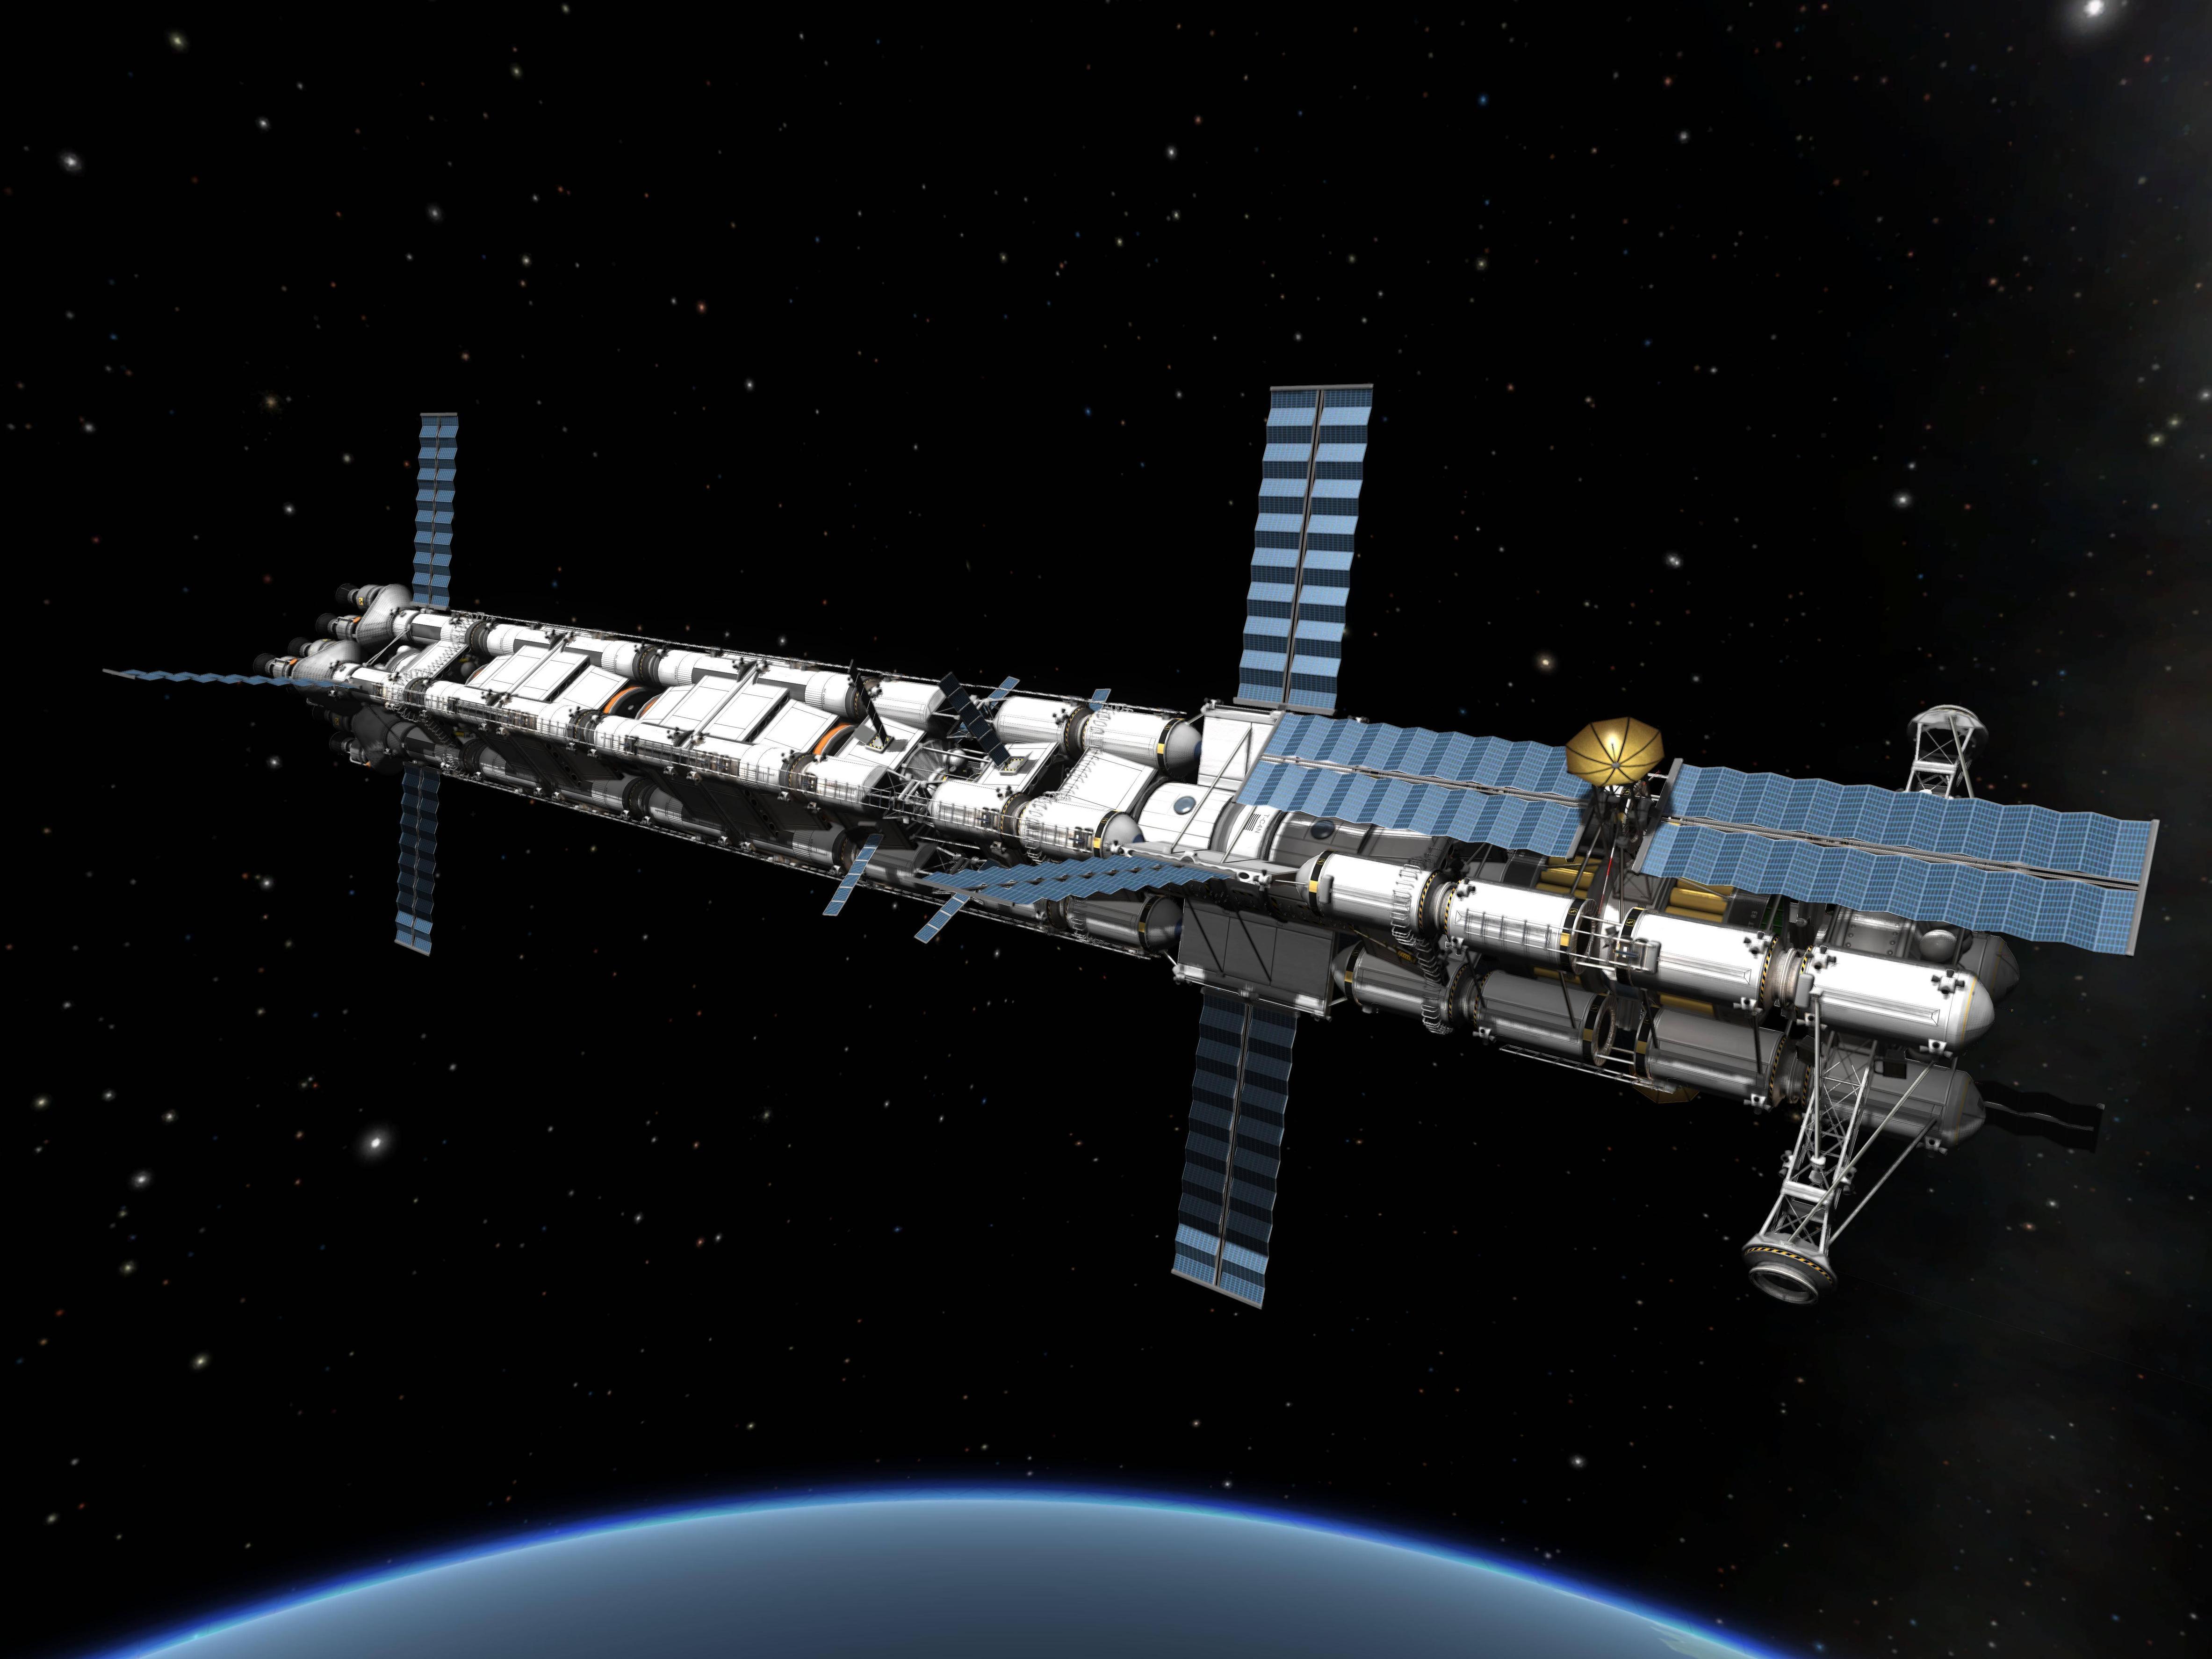 Eine Raumstation mit Solarsegeln, die um den Planeten Kerbal kreist